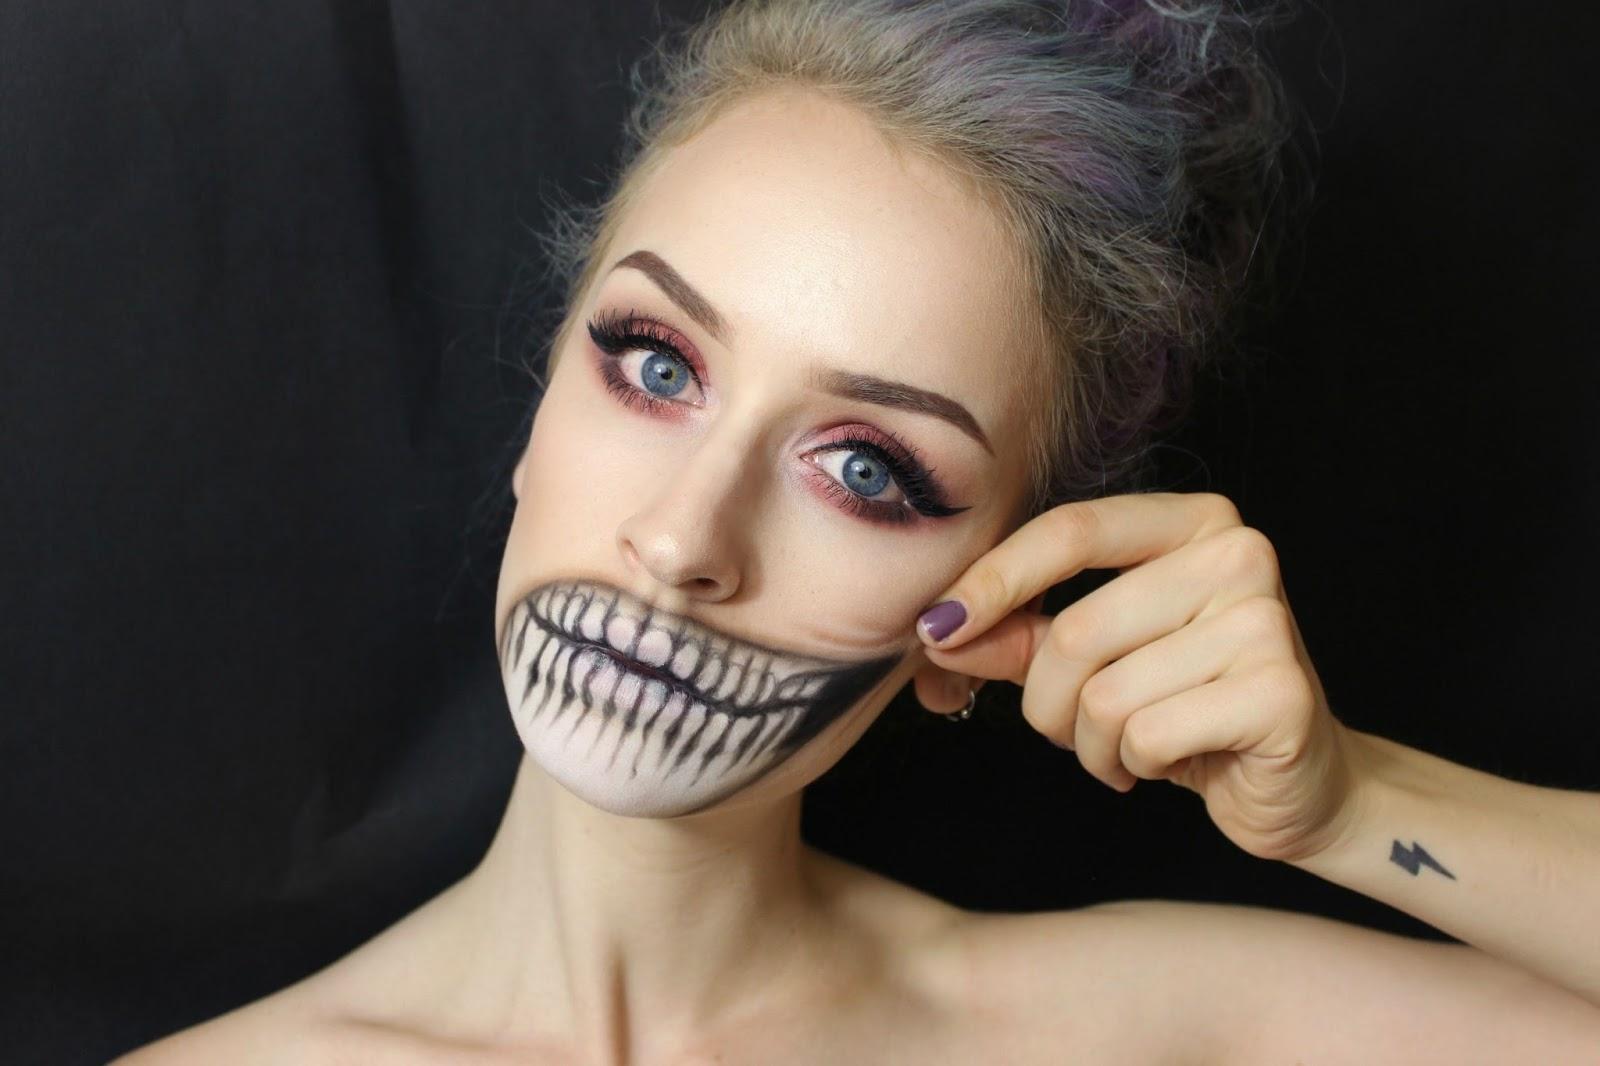 disfraces con maquillaje - Ideas De Disfraces Para Noche de Brujas o Halloween!!